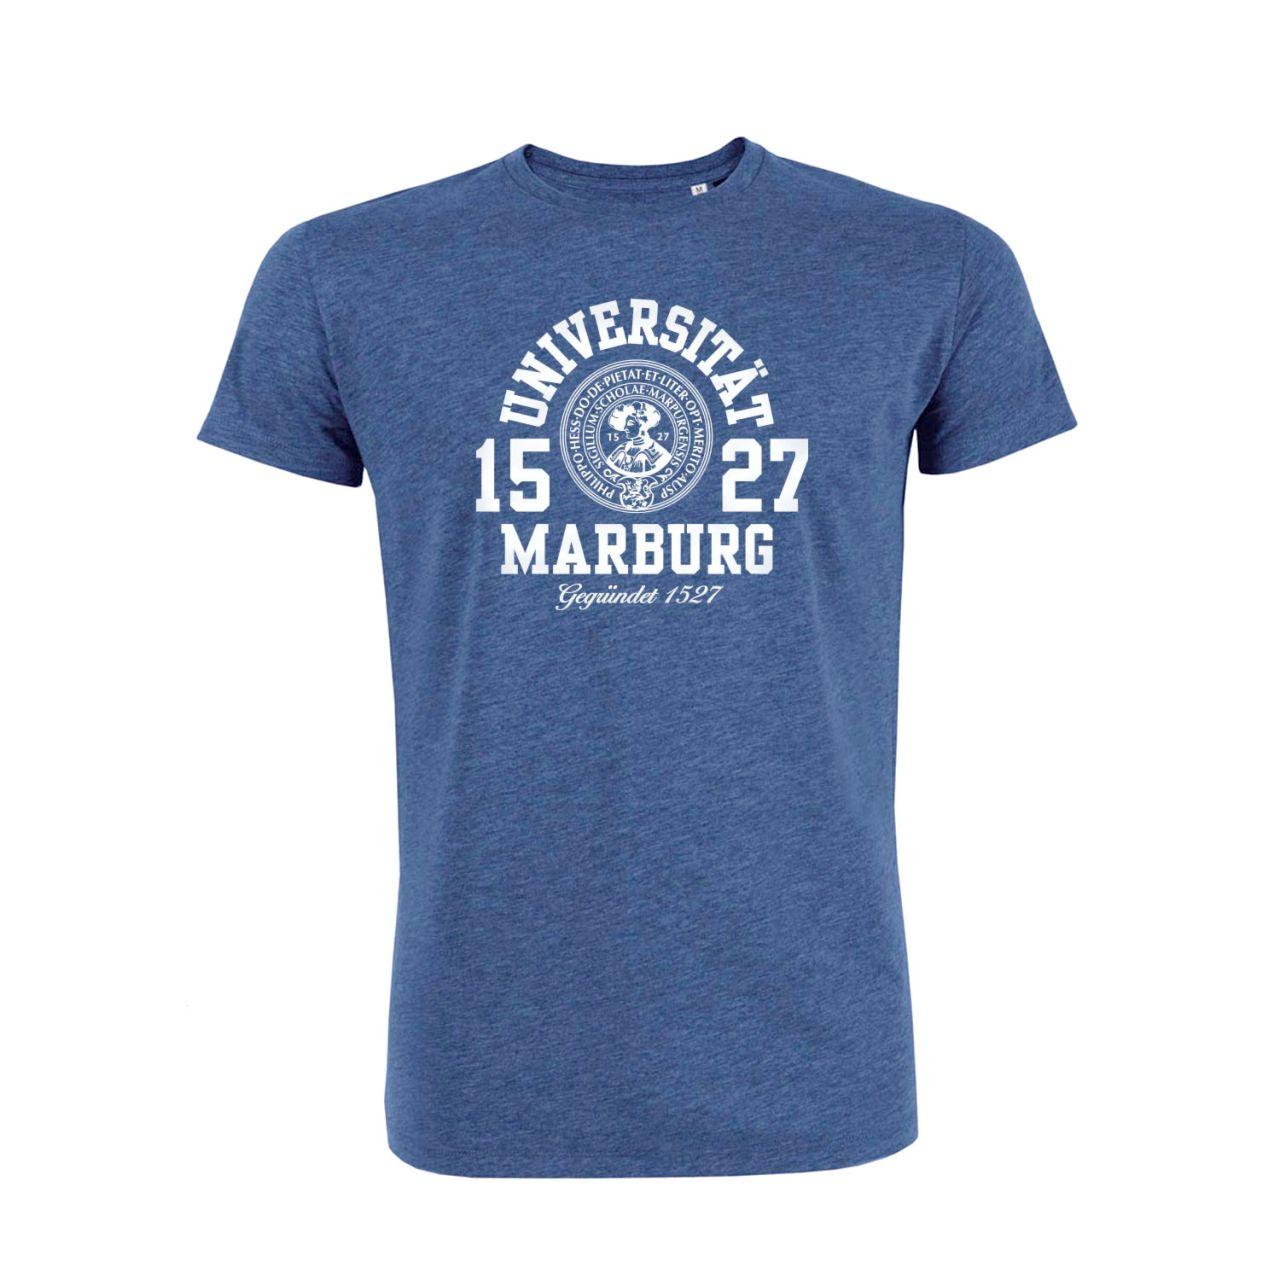 Herren Organic T-Shirt, dark heather indigo, marshall